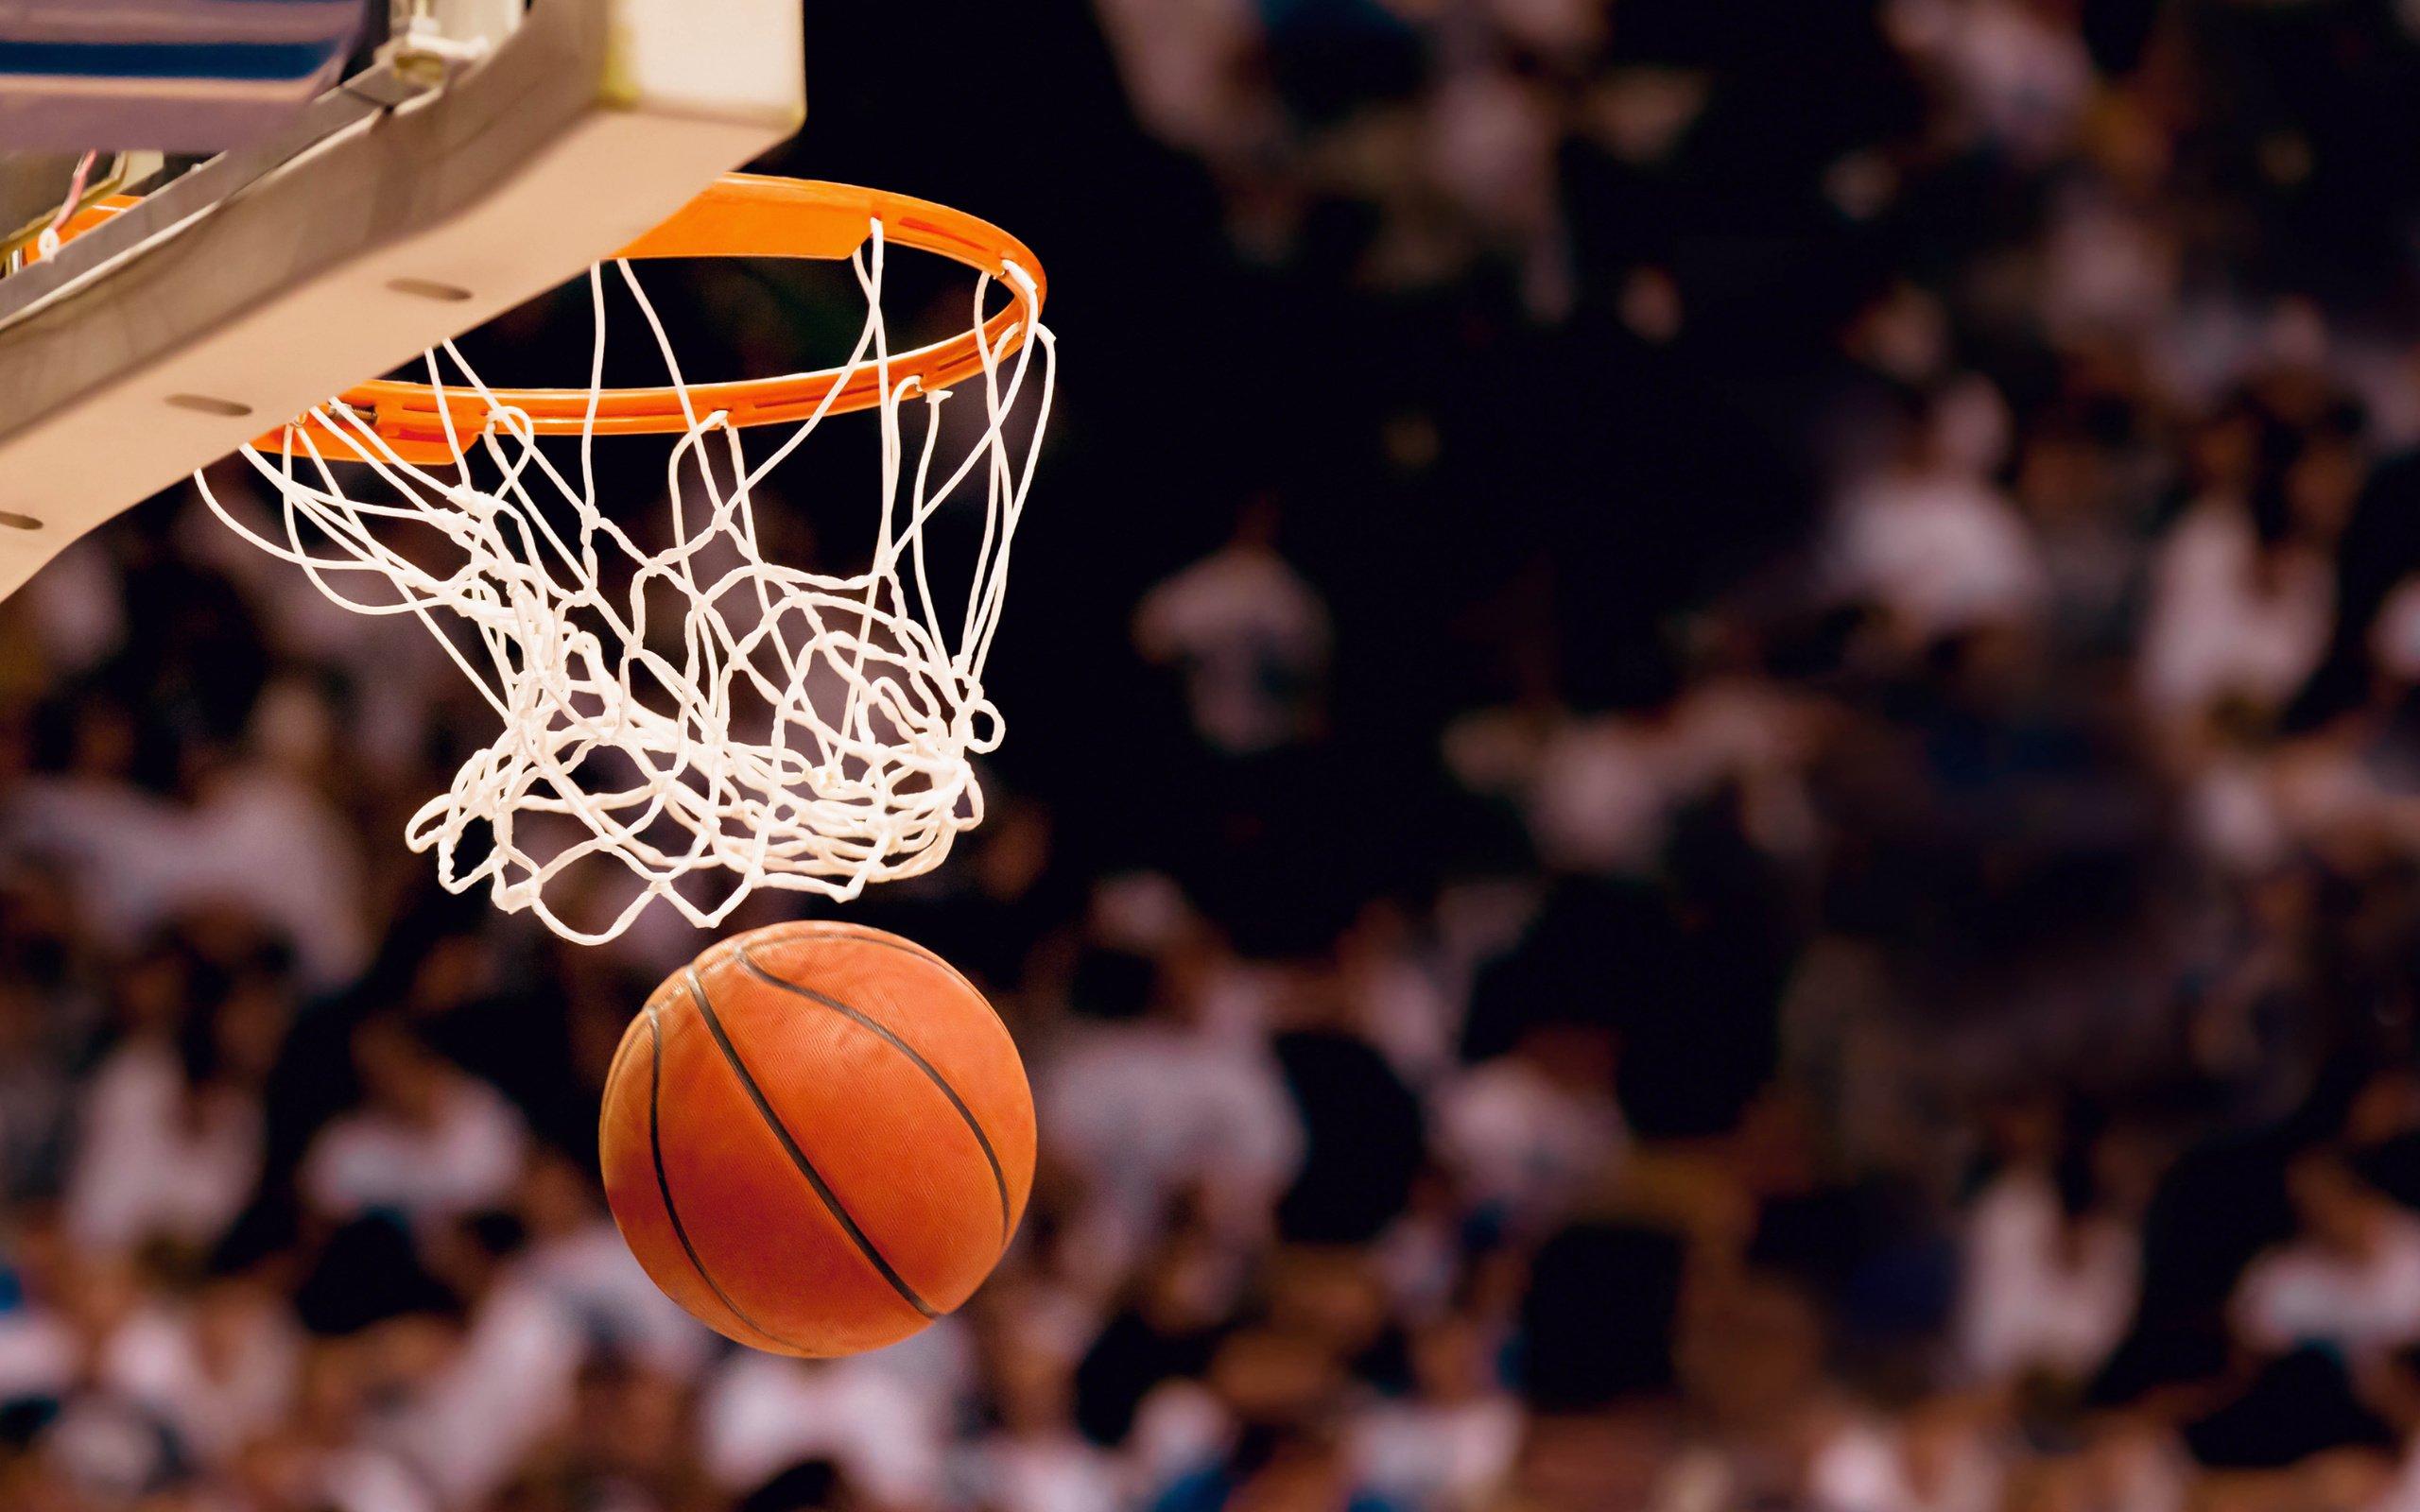 Удобная и надёжная спортивная форма для занятий баскетболом